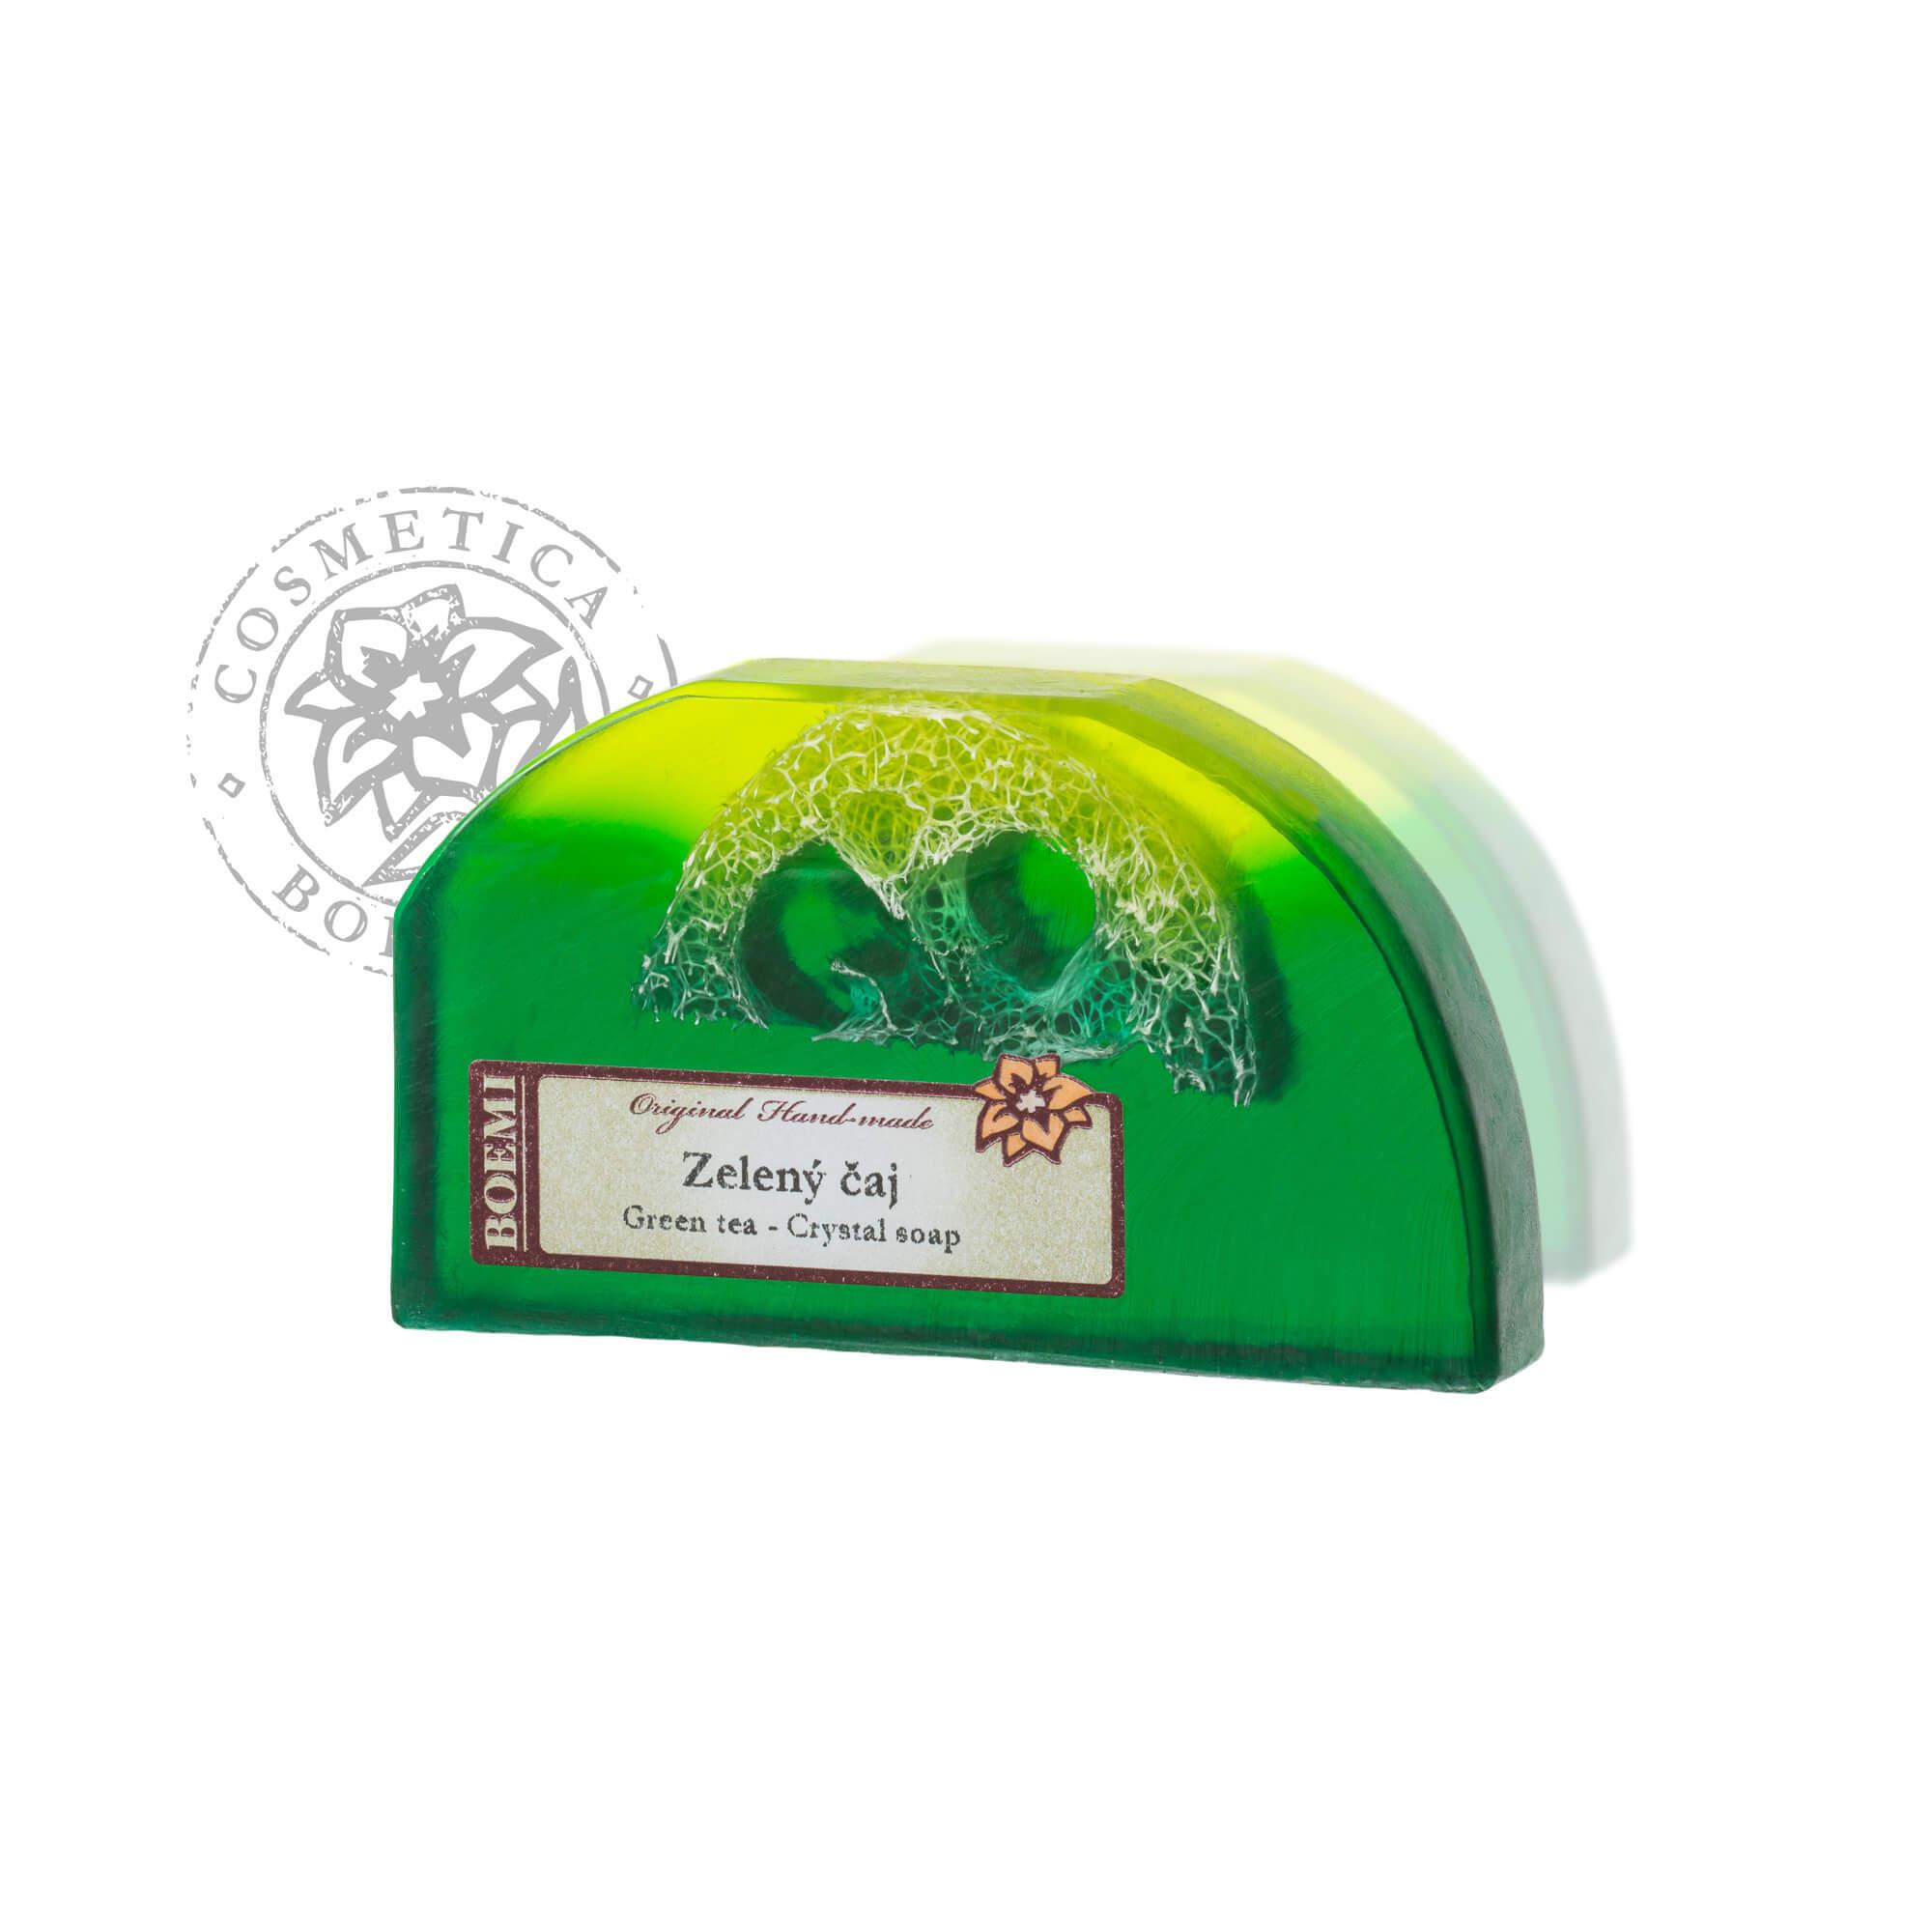 Mýdlo křišťálové s lufou Zelený čaj 100g